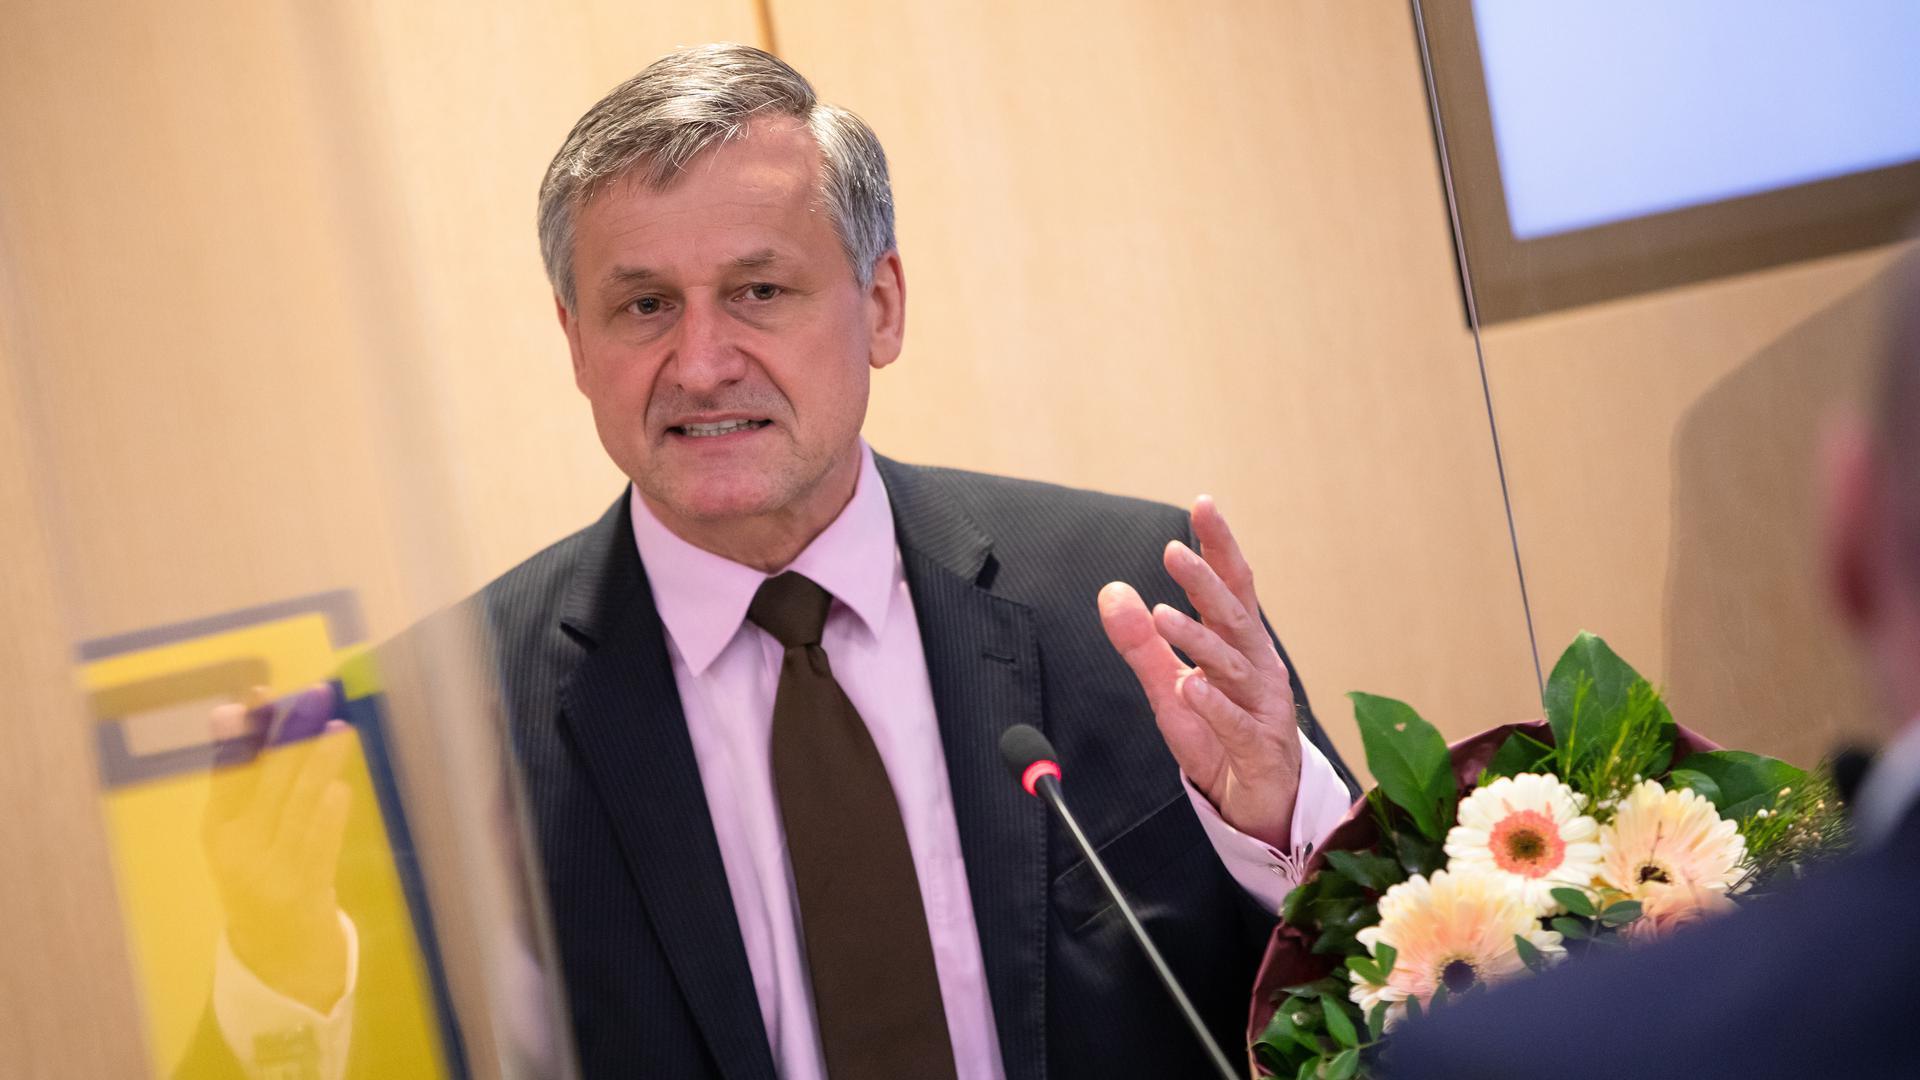 Hans-Ulrich Rülke, Vorsitzender der FDP/DVP-Fraktion im Landtag von Baden-Württemberg, spricht bei der ersten Fraktionssitzung der FDP nach der Landtagswahl in Baden-Württemberg zu Parteimitgliedern.